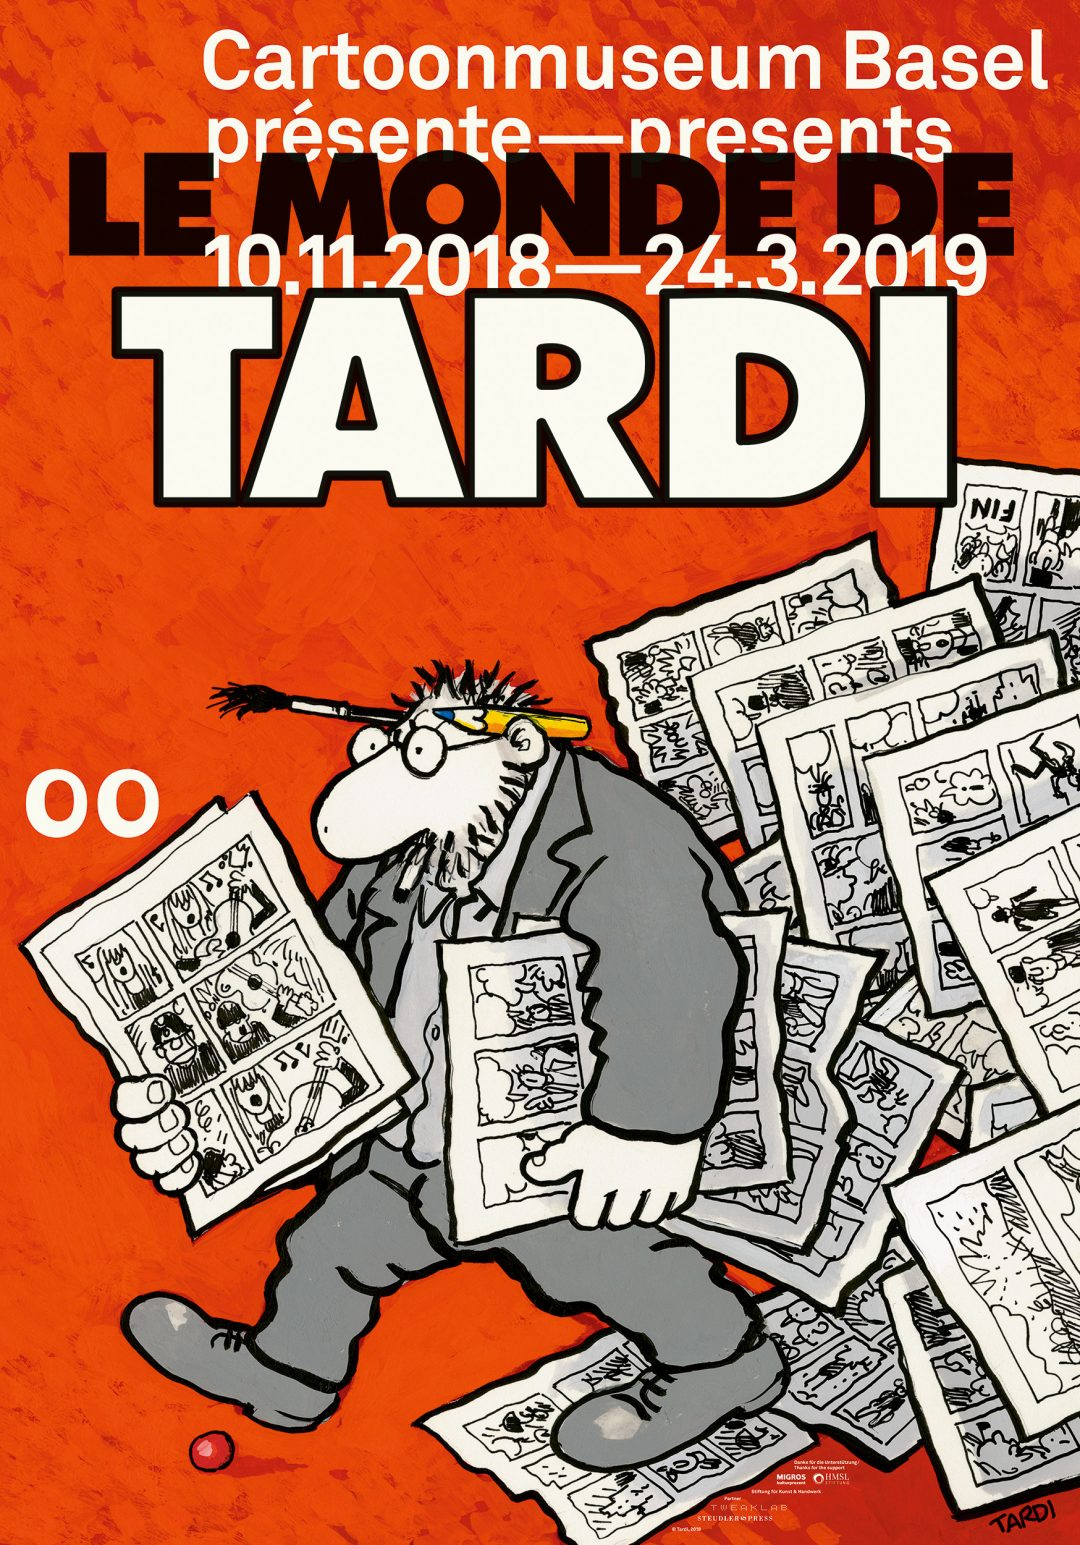 Tardi, Cartoonmuseum, Ausstellung